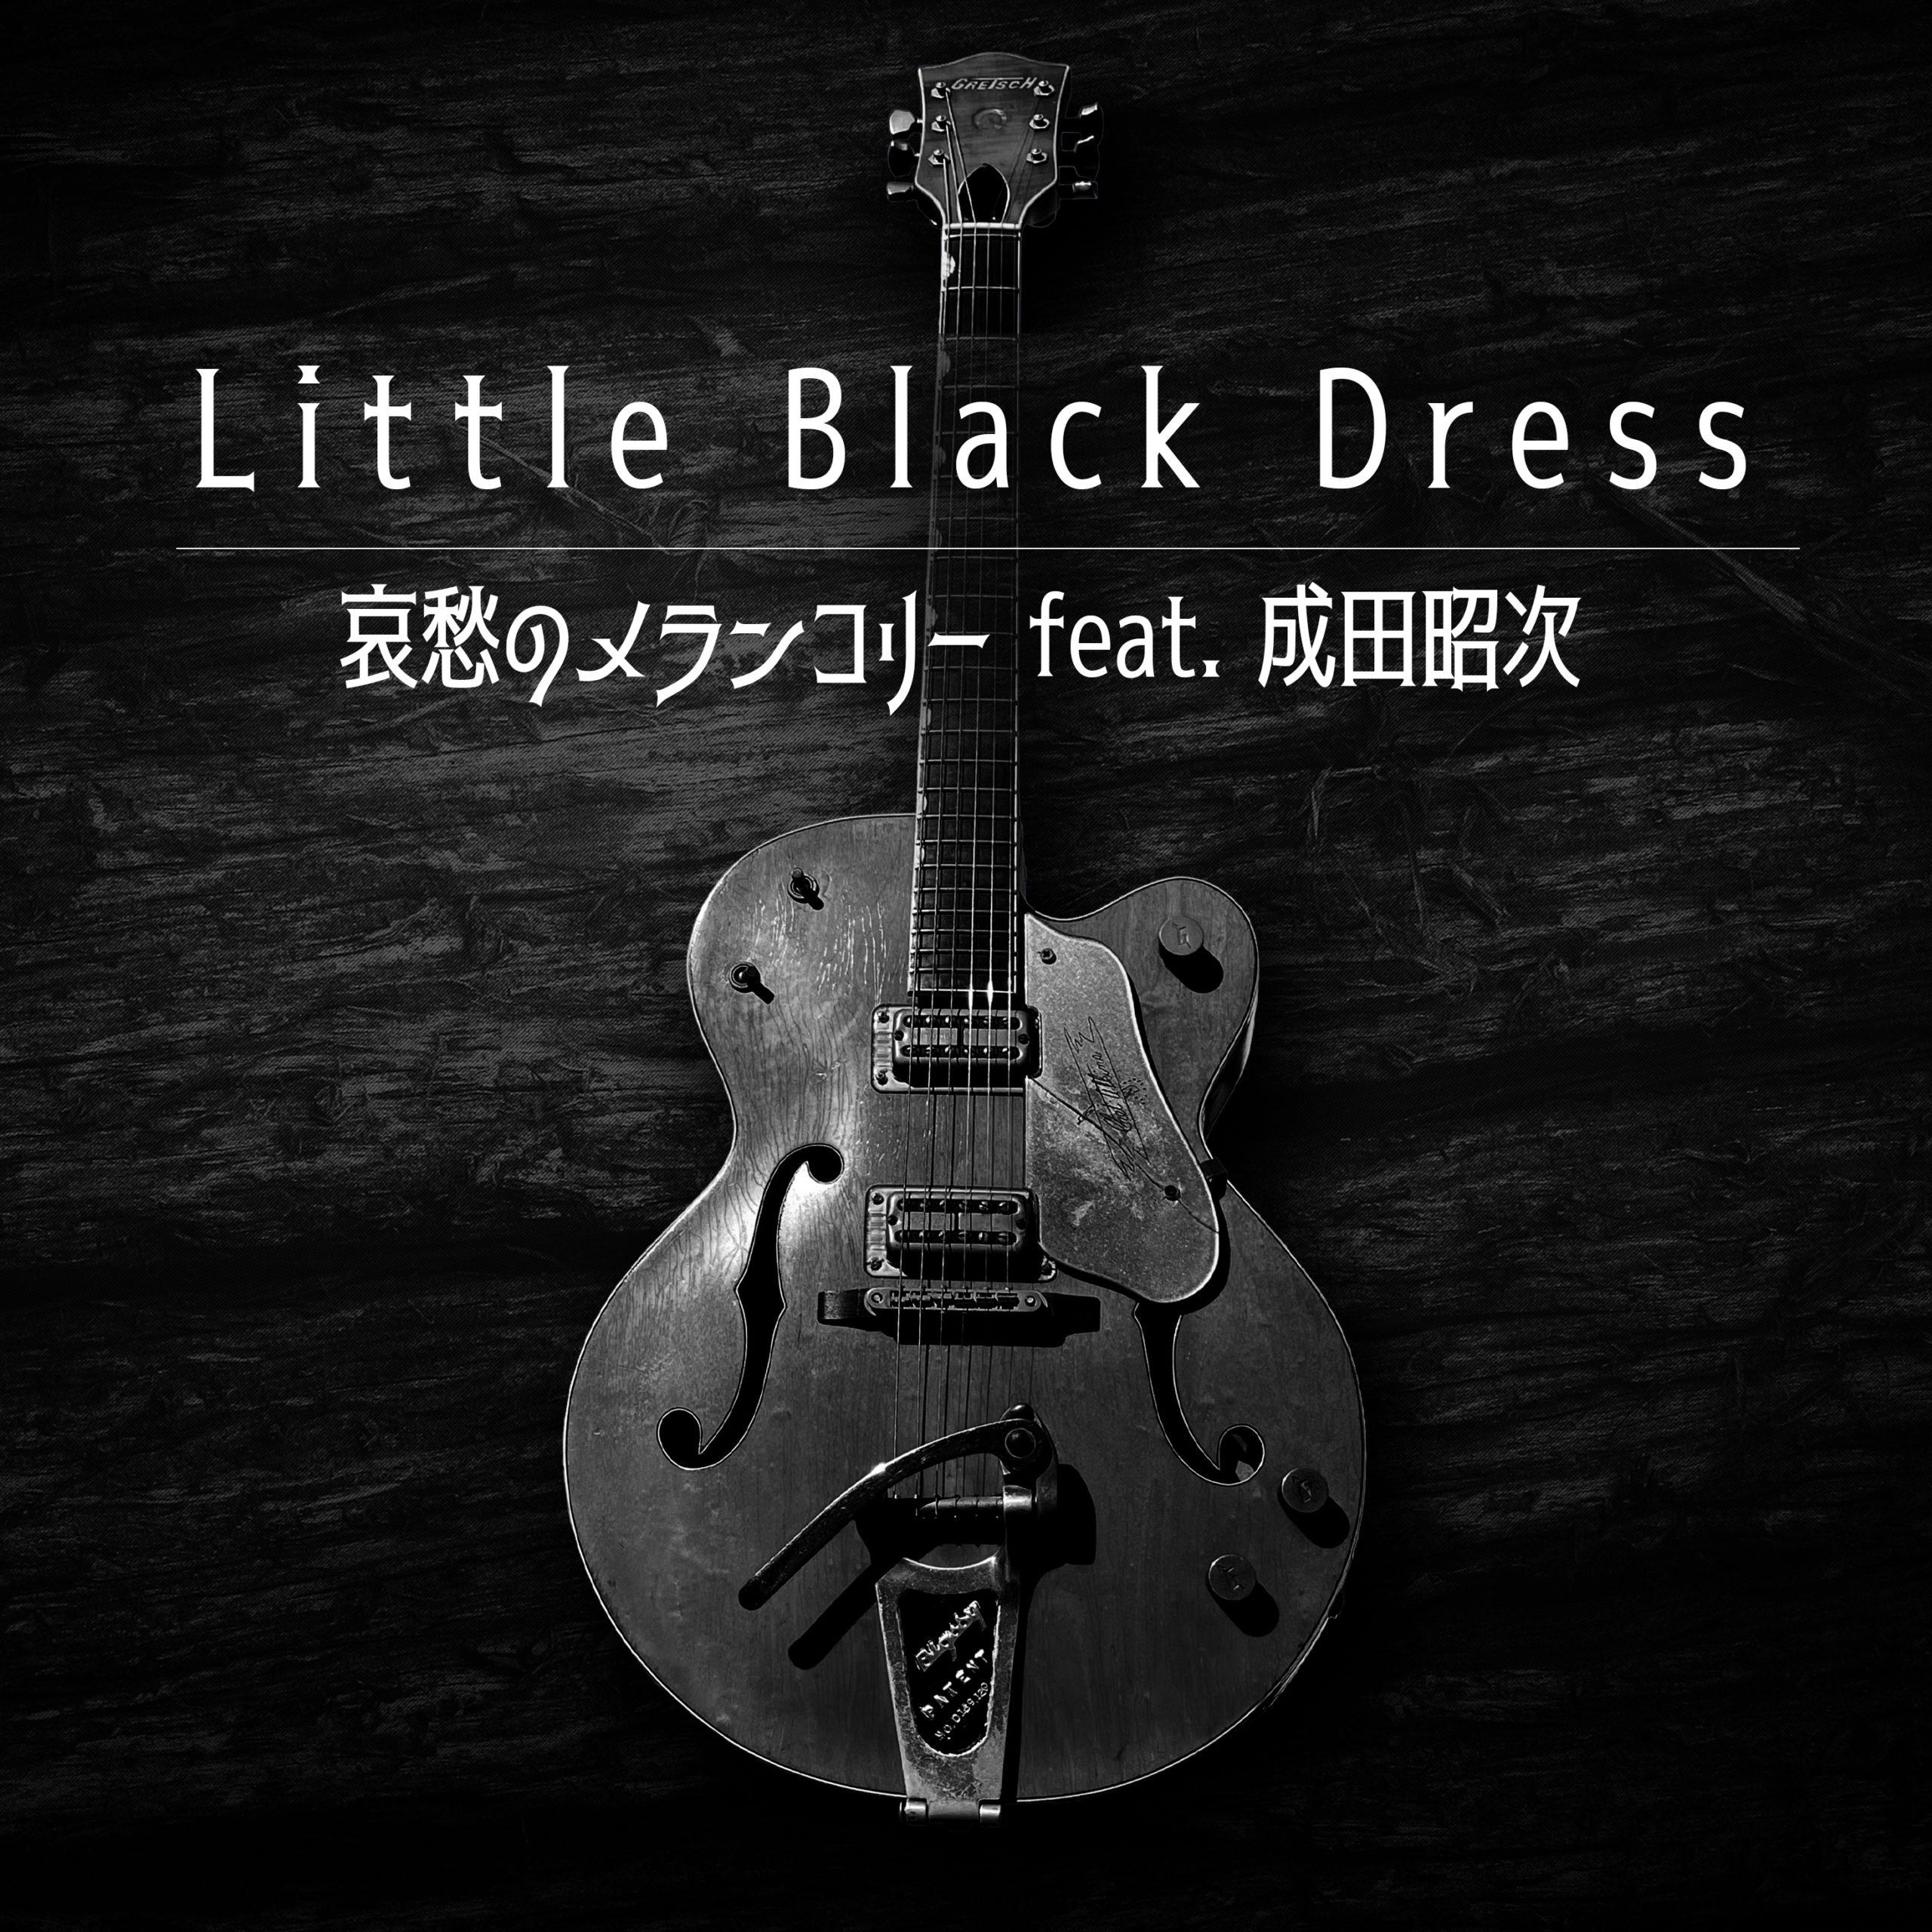 本日よりLittle Black Dressの新曲「哀愁のメランコリー feat.成田昭次」の配信がスタート!!  5月には待望の1stアルバムも配信決定!!リリースを記念したライヴも横浜と大阪で開催決定!!